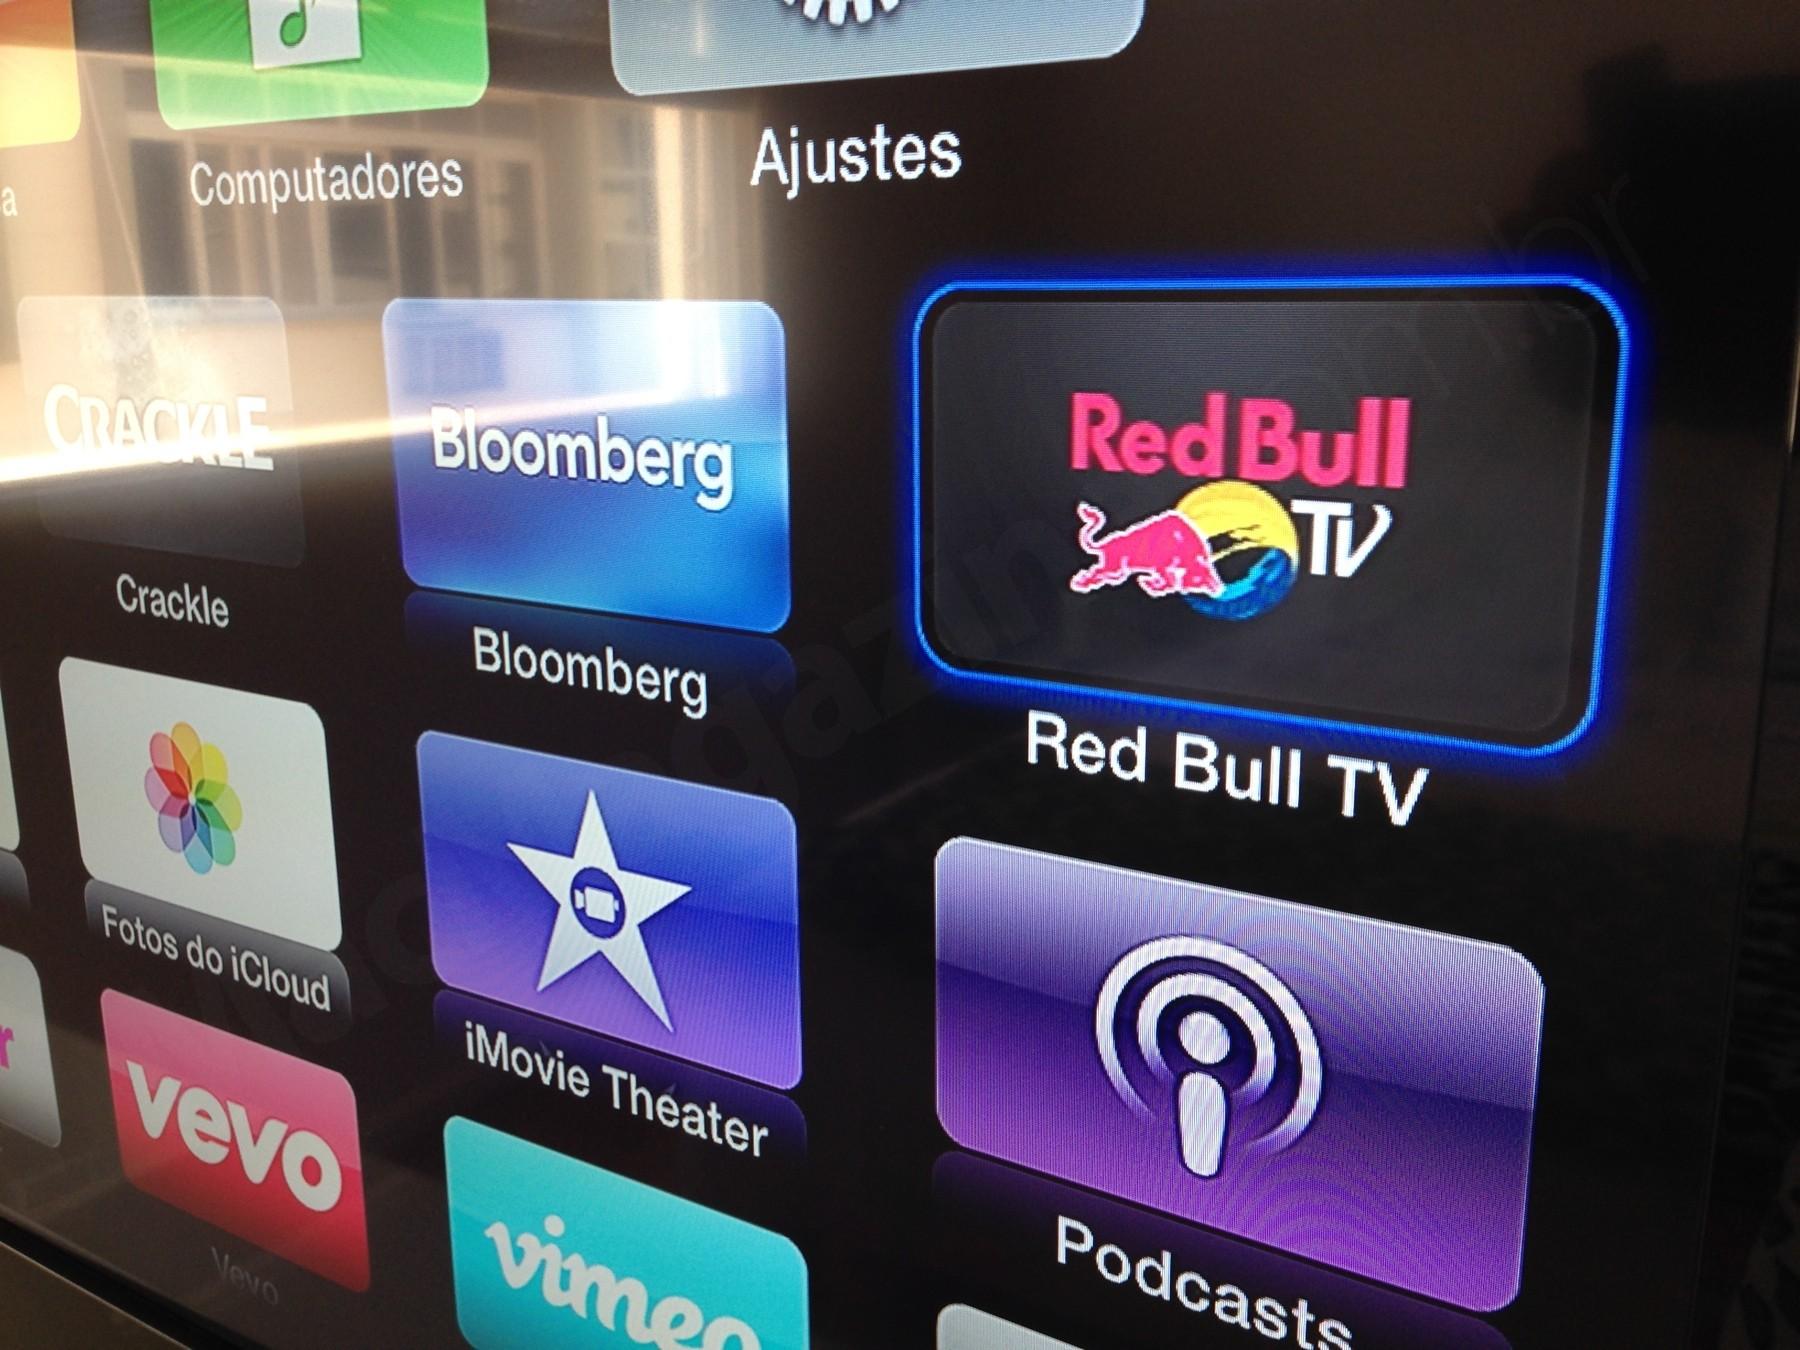 Red Bull TV em Apple TVs